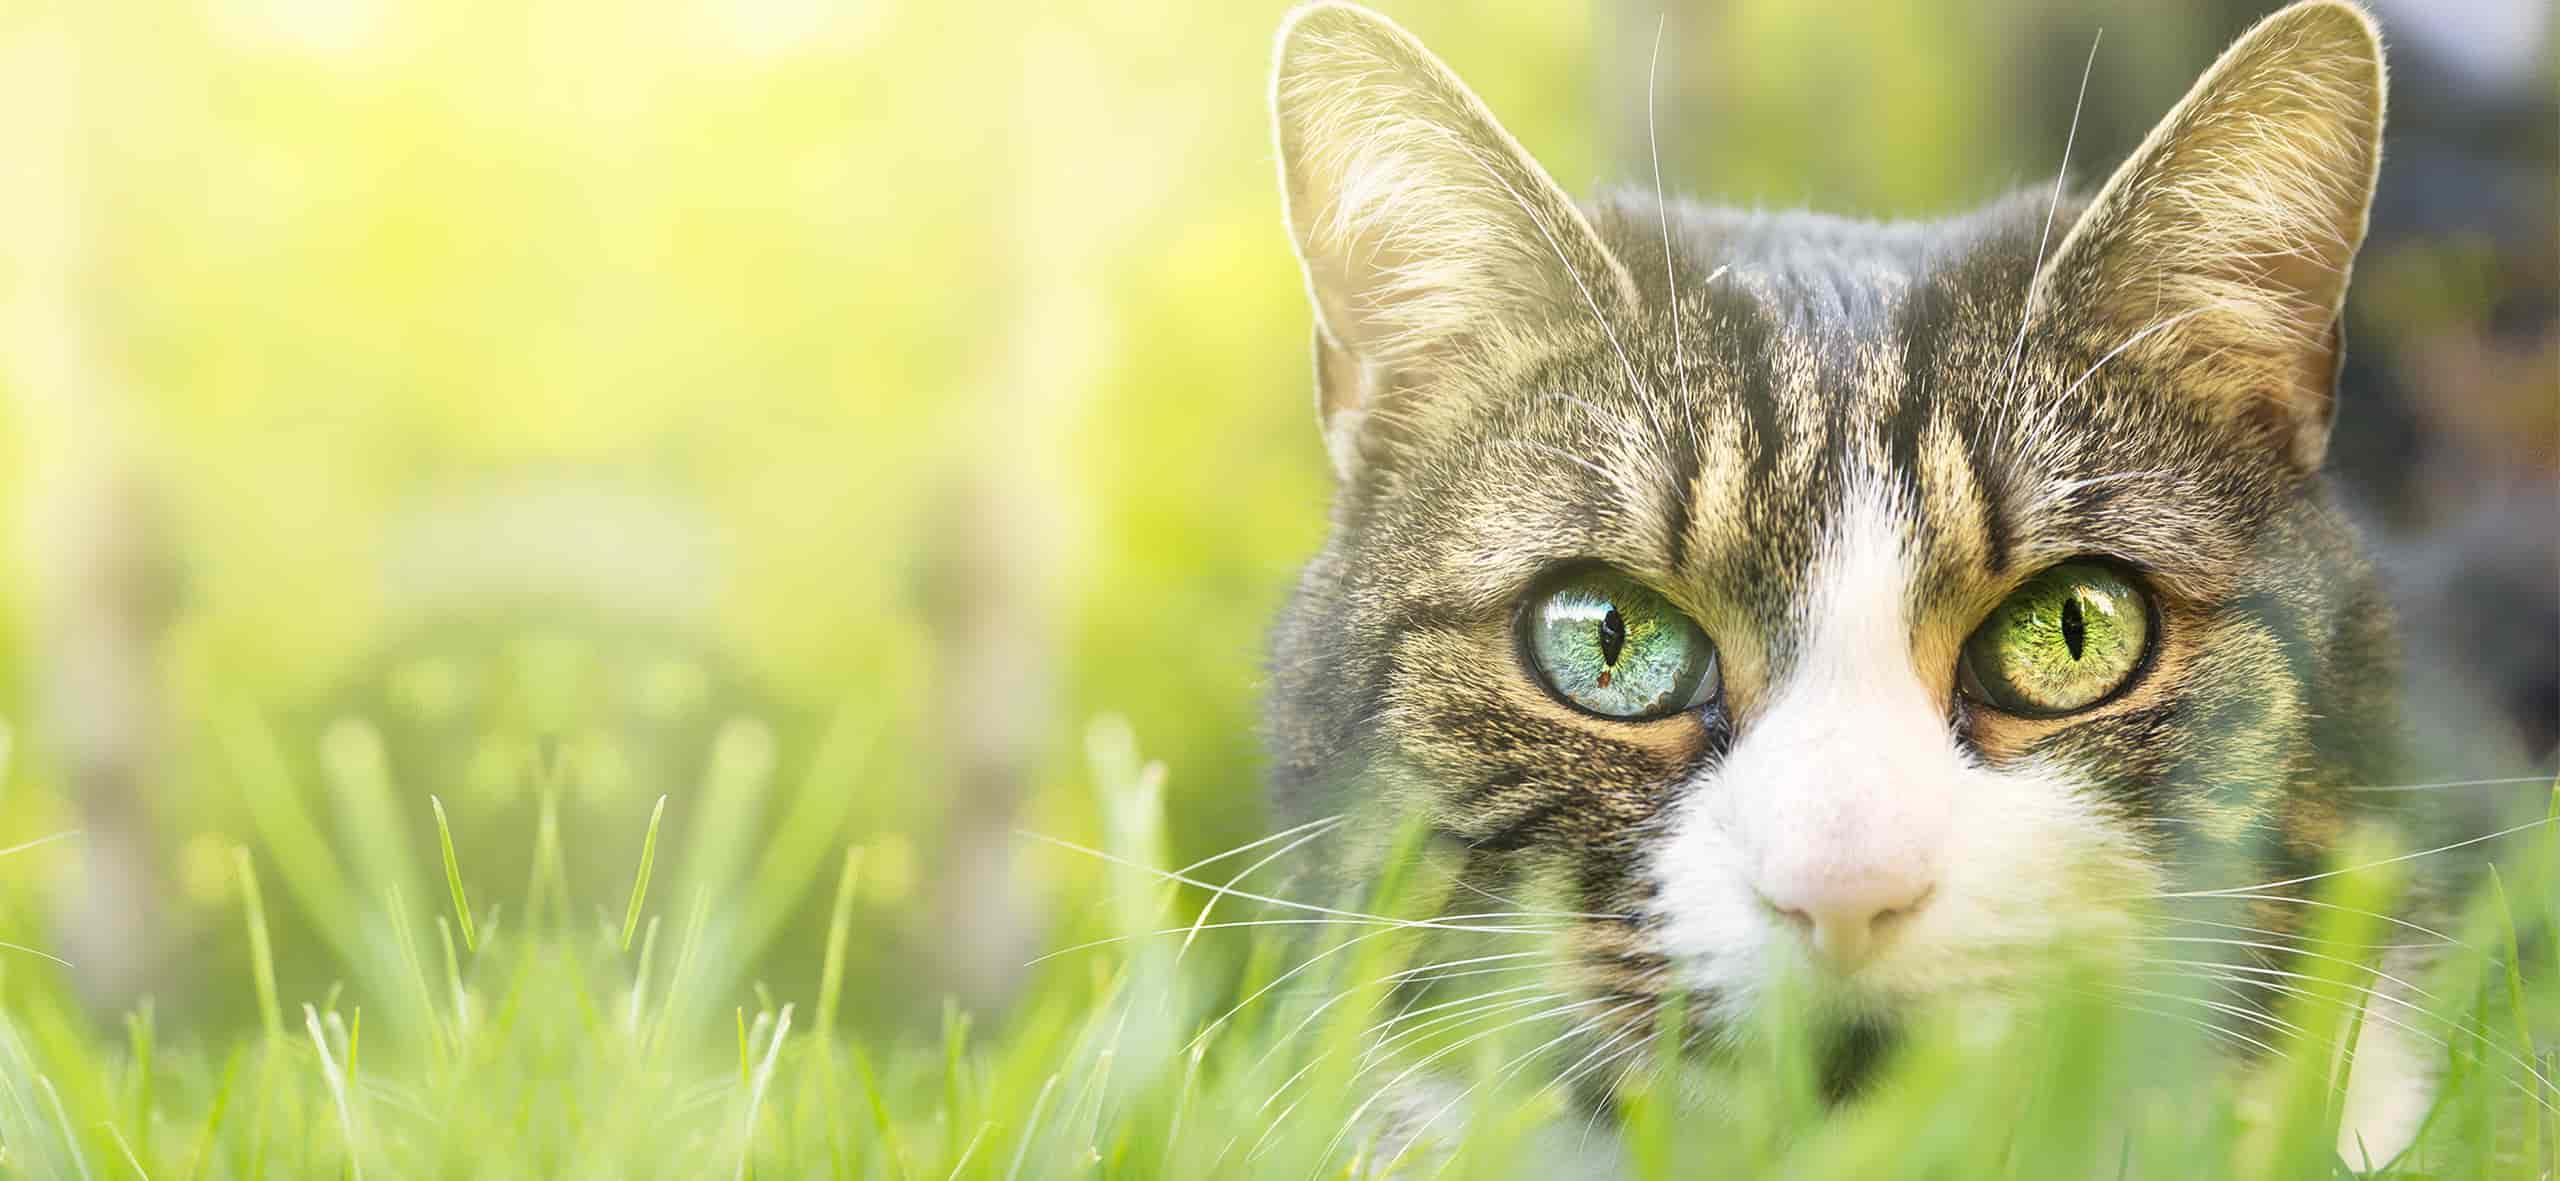 Tutores investem no bem-estar dos felinos